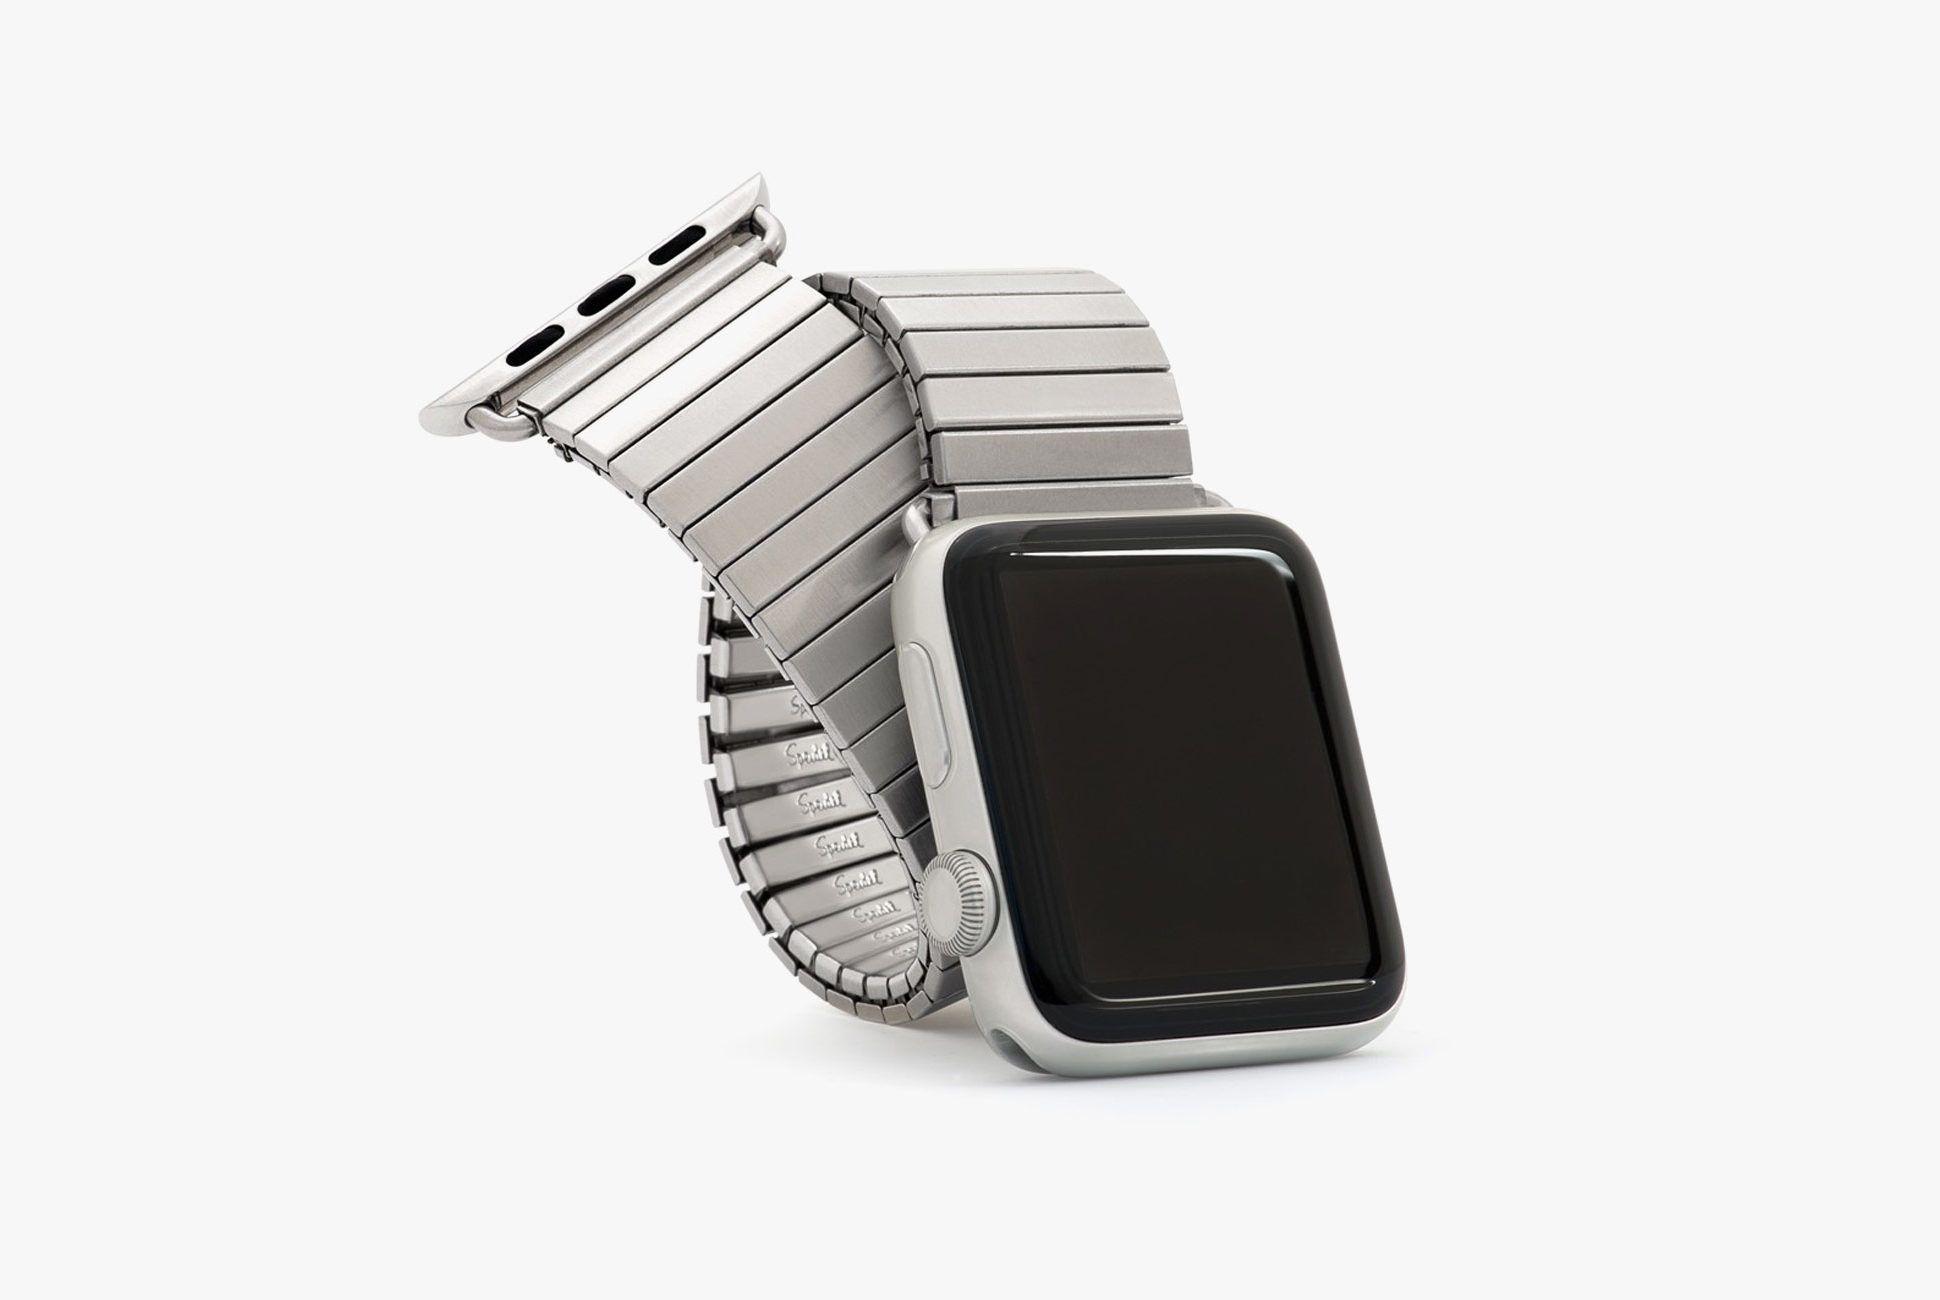 Speidel-gearpatrol-watch-3